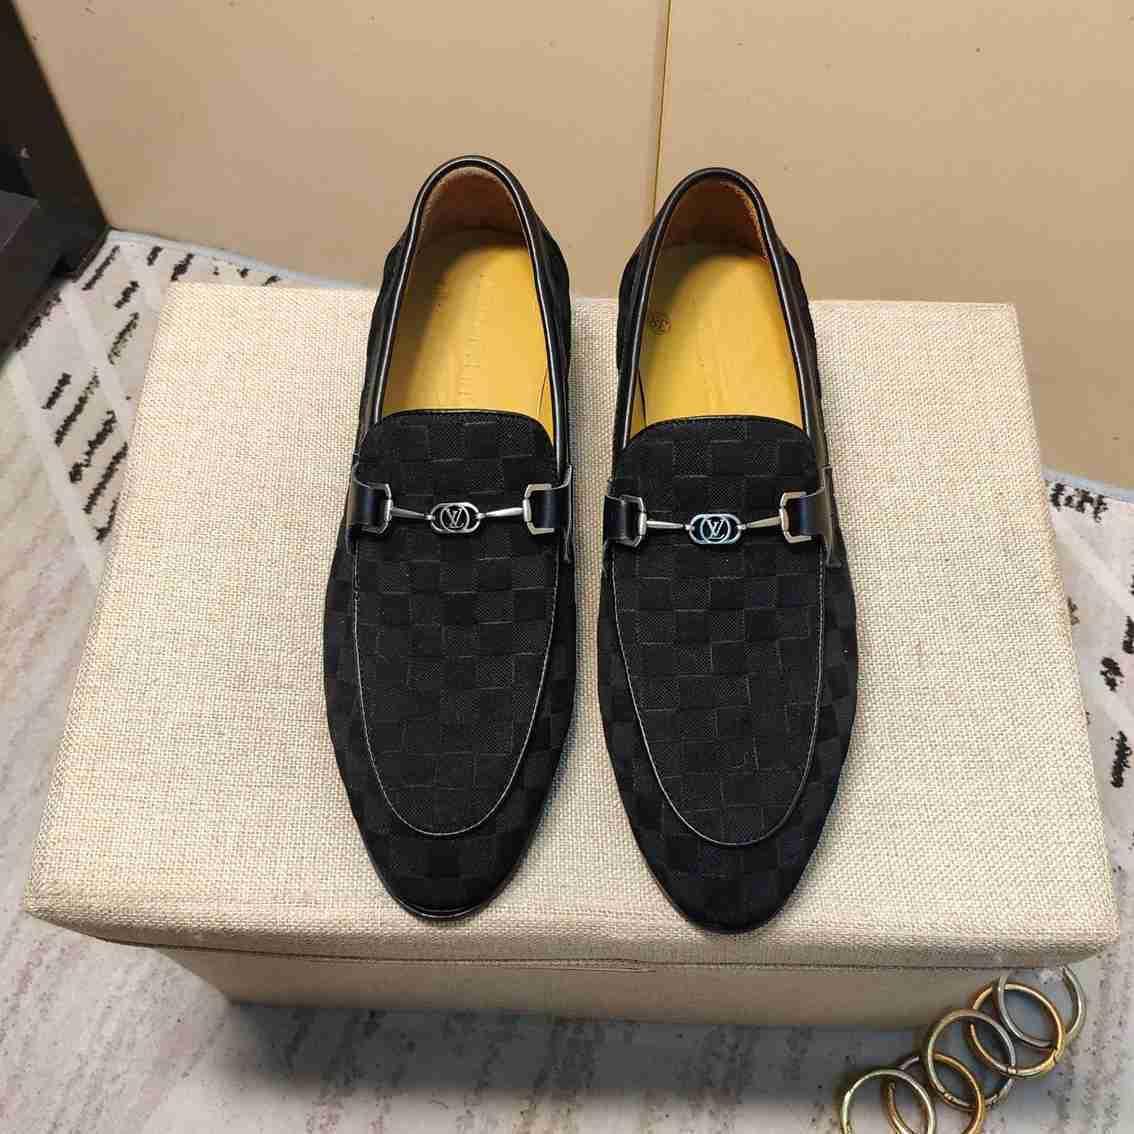 2020 calidad casuales zapatos de la boda del novio de la moda Negro Gamuza de los nuevos hombres